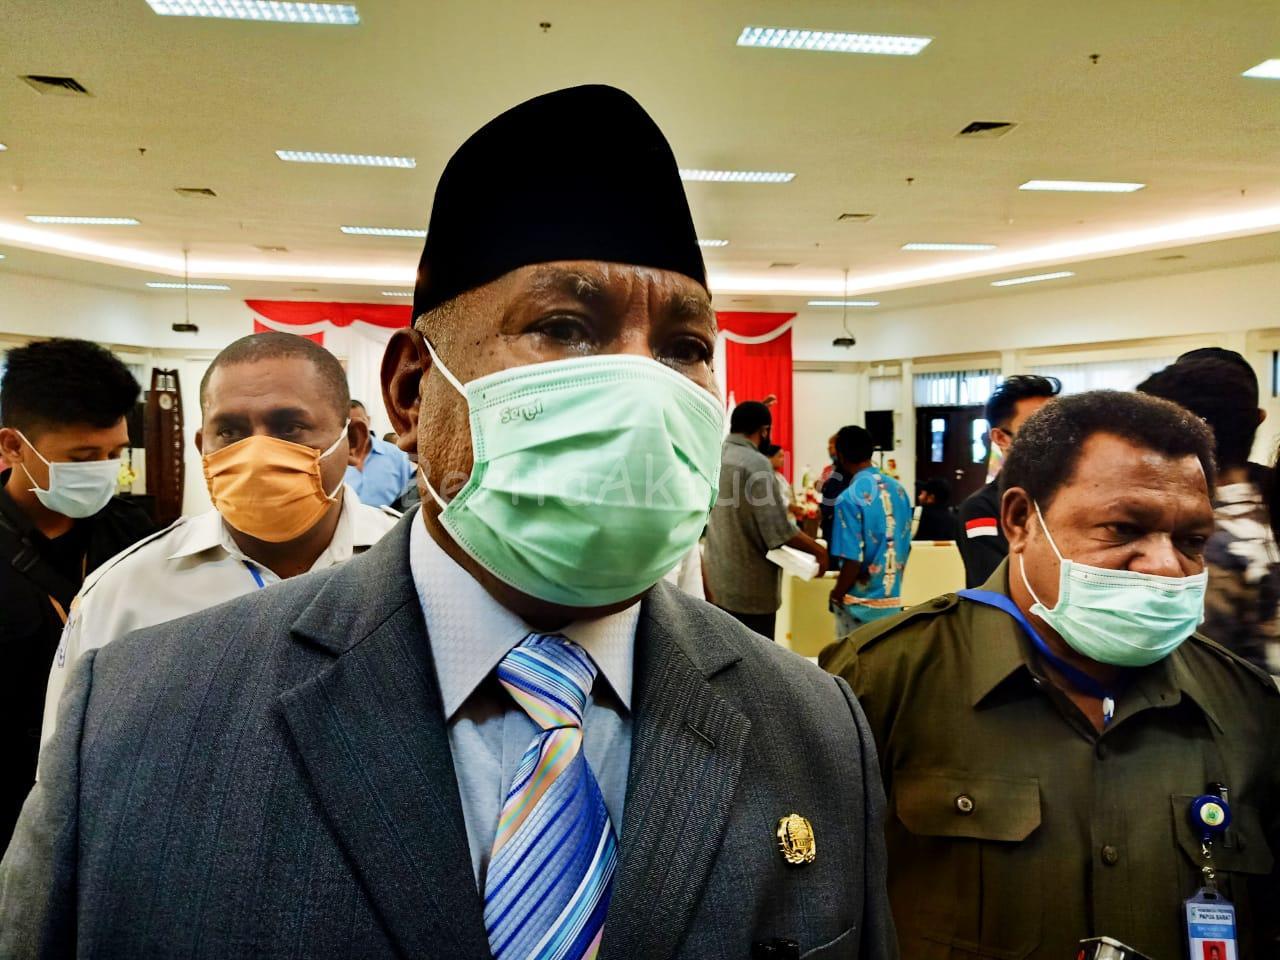 Mandacan: Papua Barat Siap Ikuti New Normal Jika Ada Instruksi Dari Pusat 10 IMG 20200528 WA0073